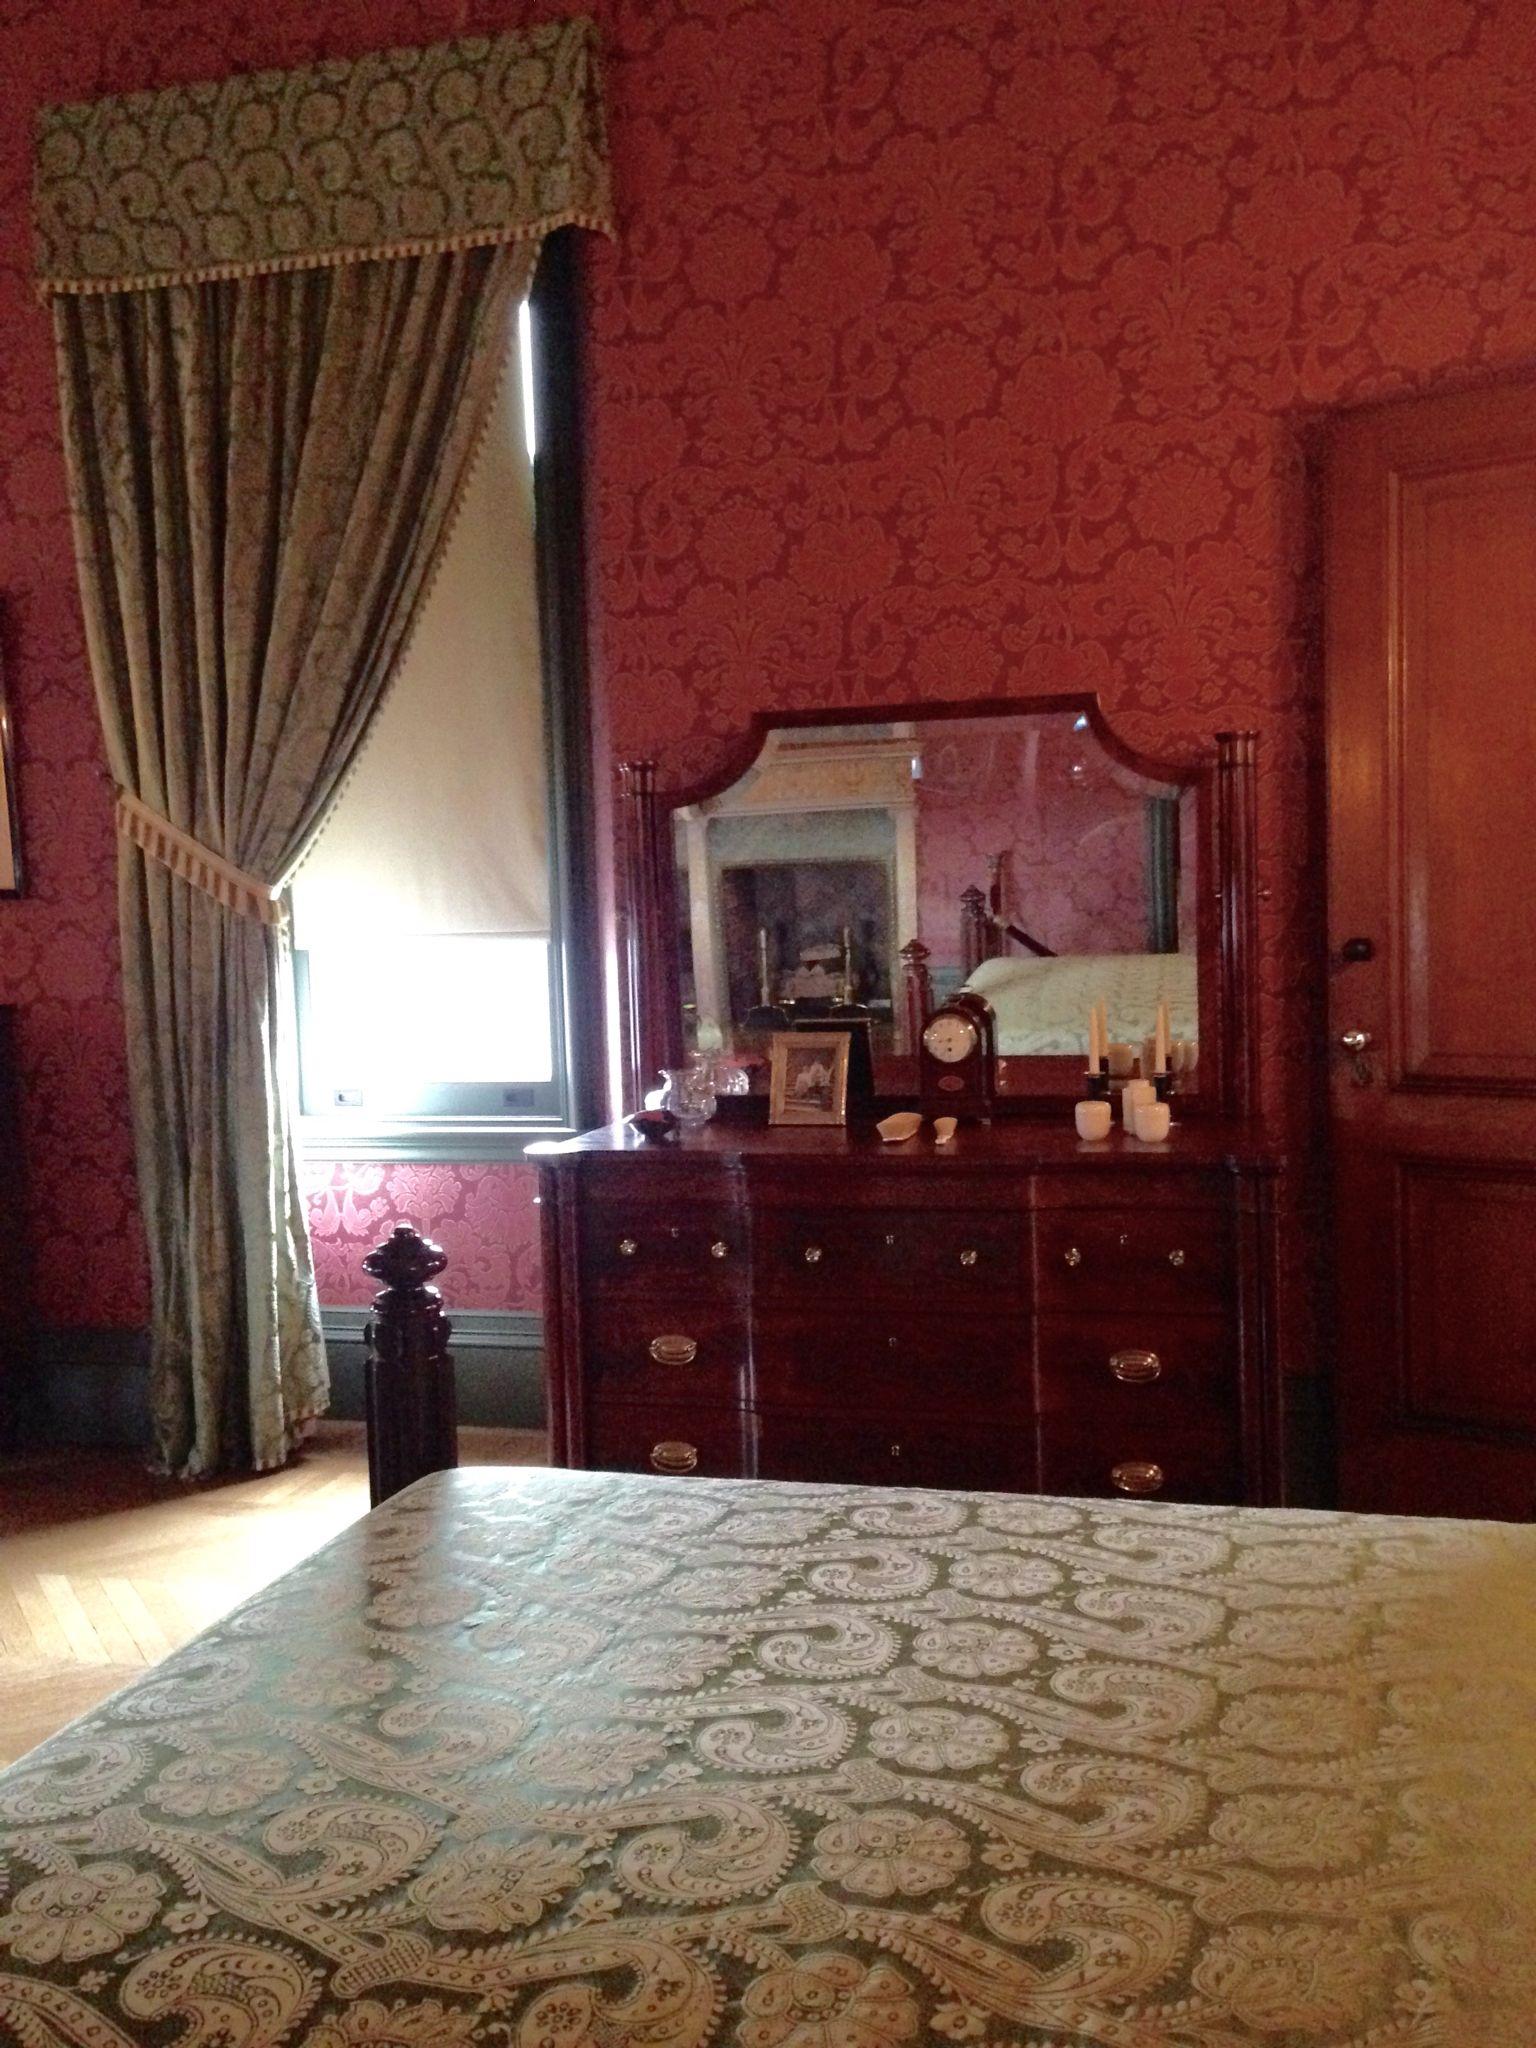 Biltmore Damask Room February 2016 Visit Biltmore House Biltmore Estate Asheville Biltmore Estate Asheville Nc